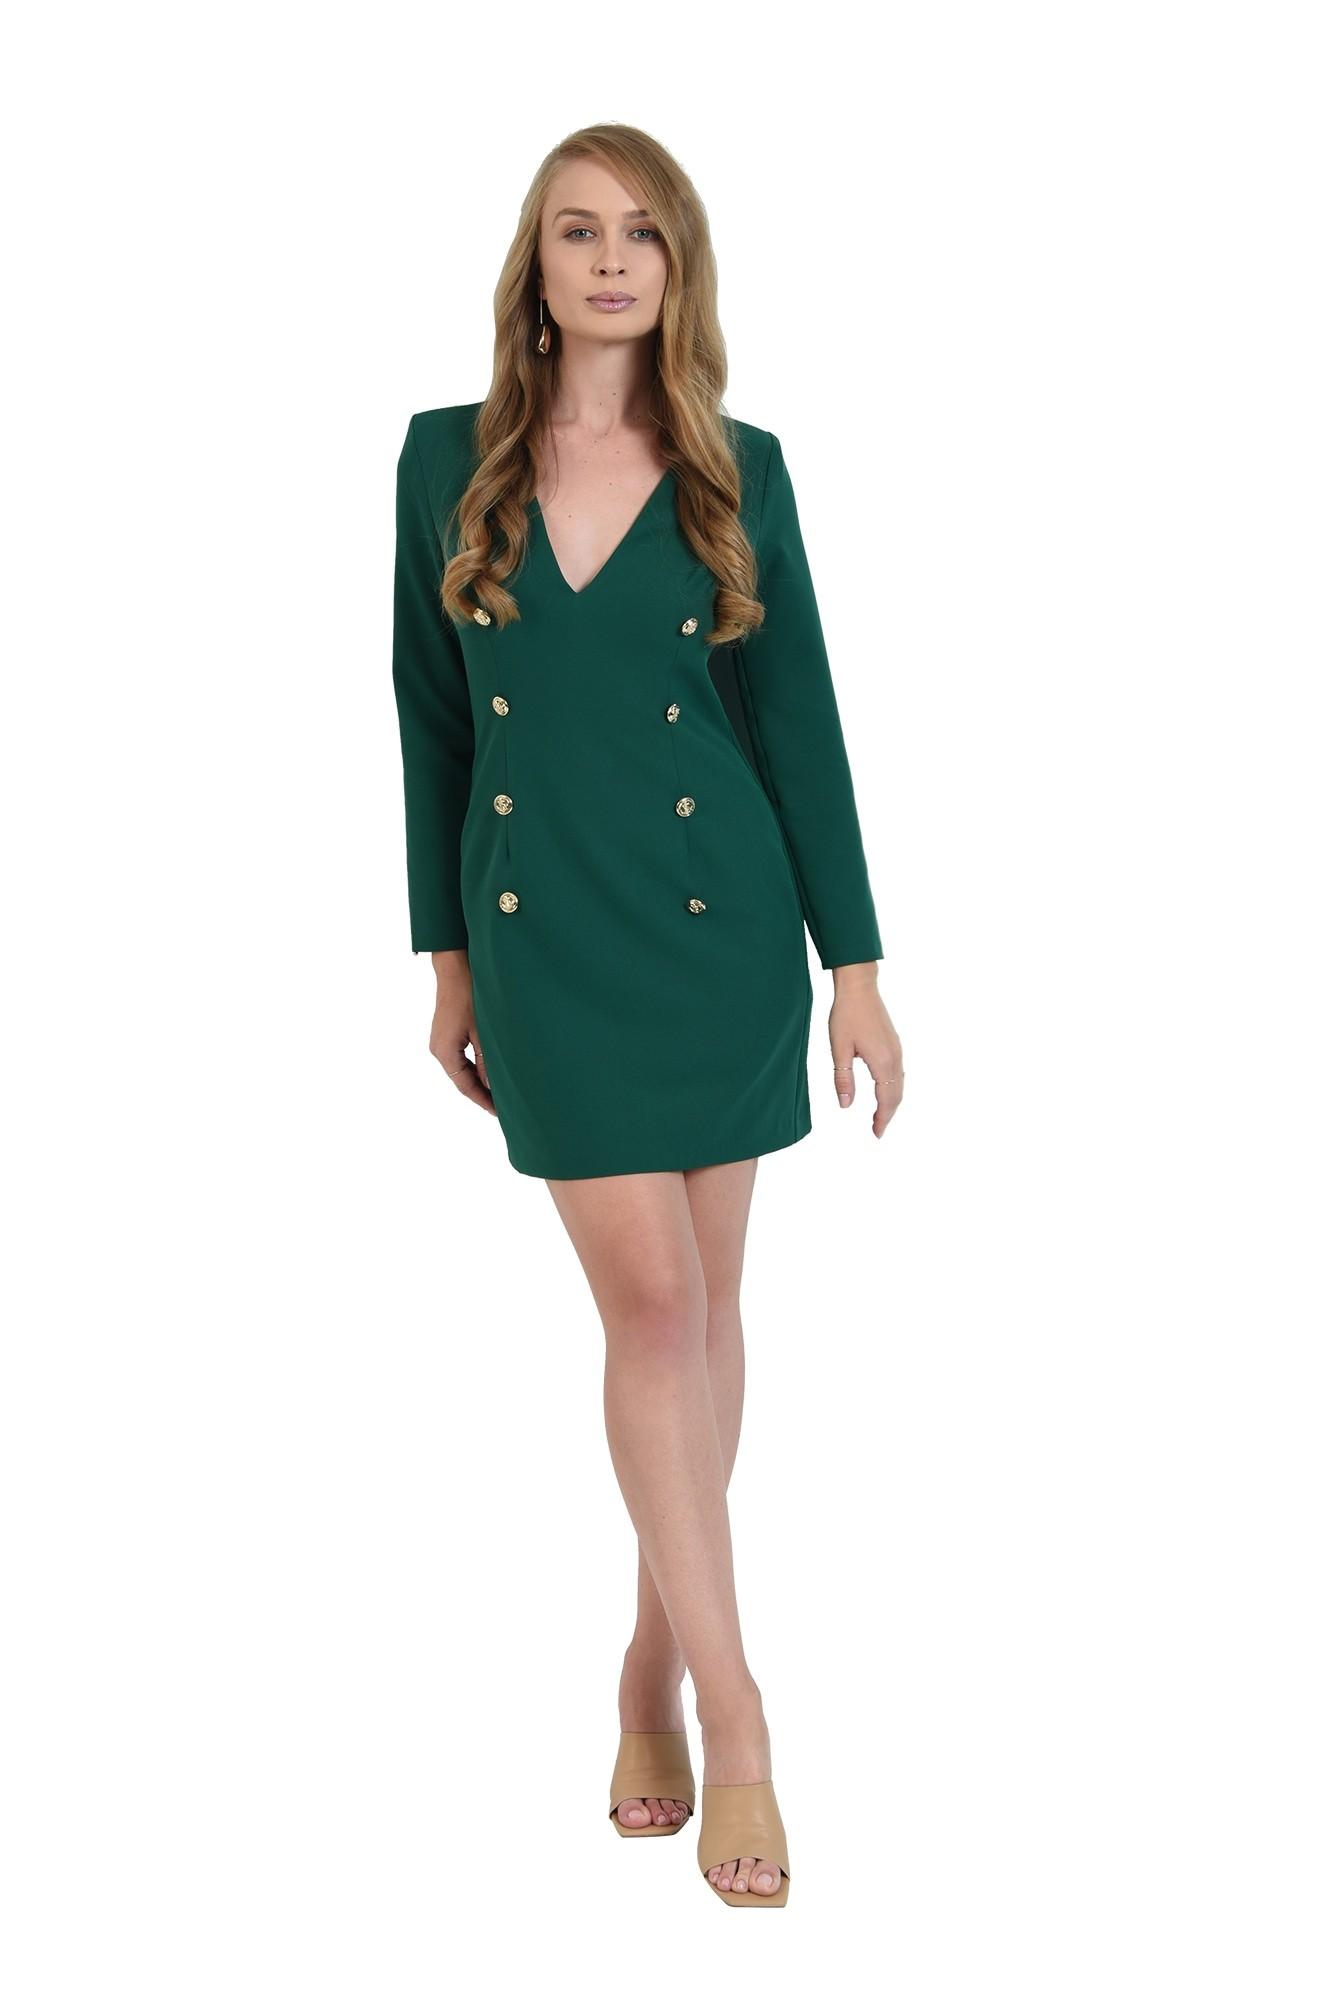 3 - rochie verde, scurta, cu nasturi multipli